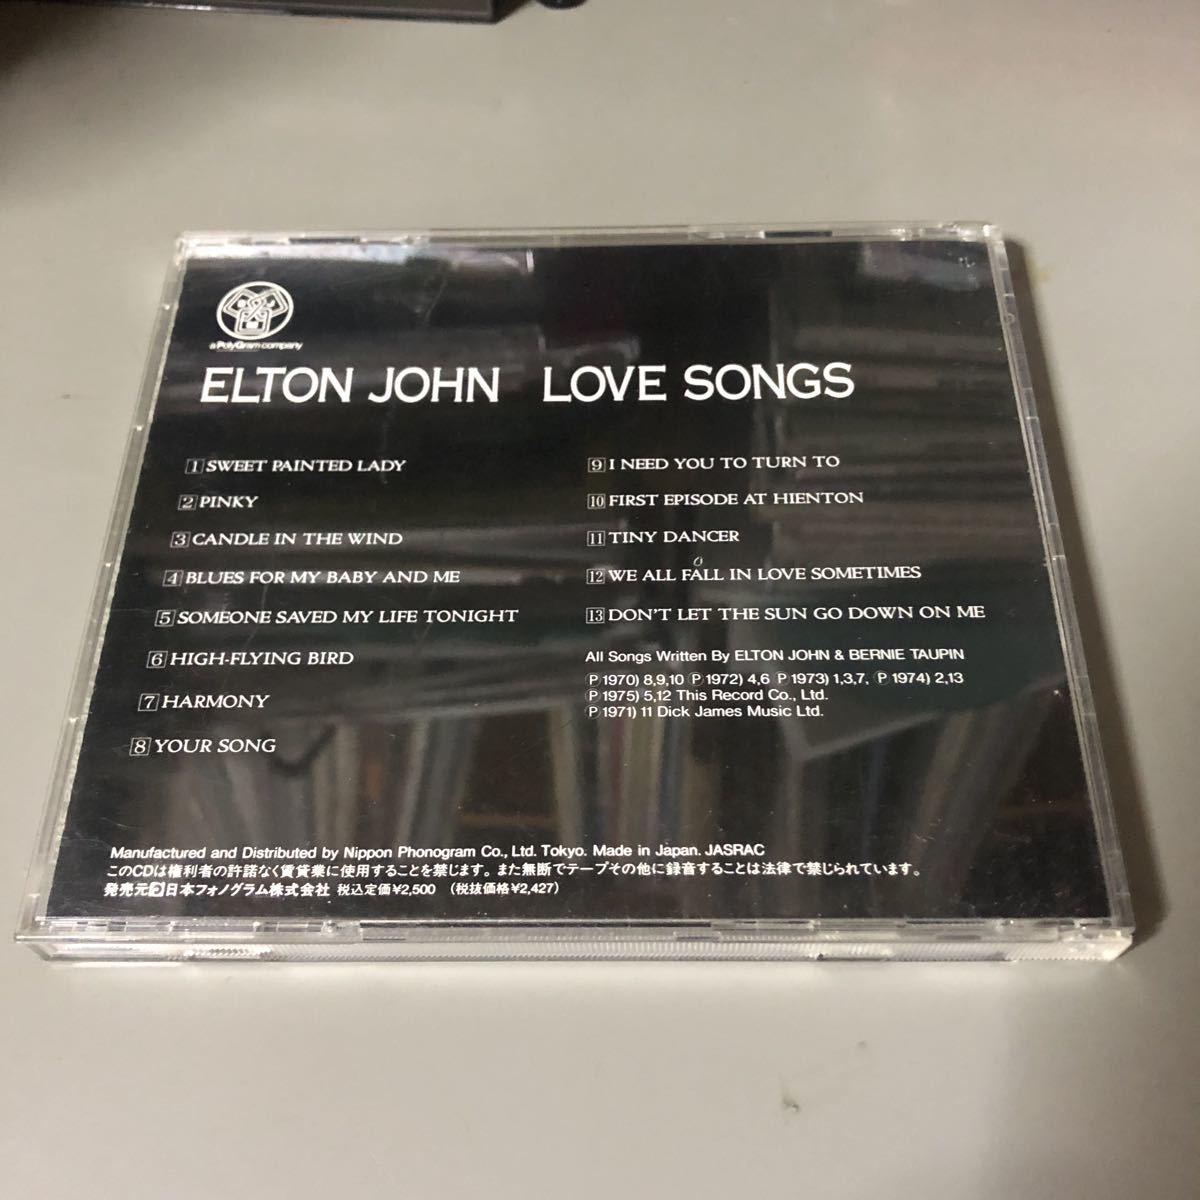 エルトン・ジョン ラブ・ソング VOL.1 国内盤CD